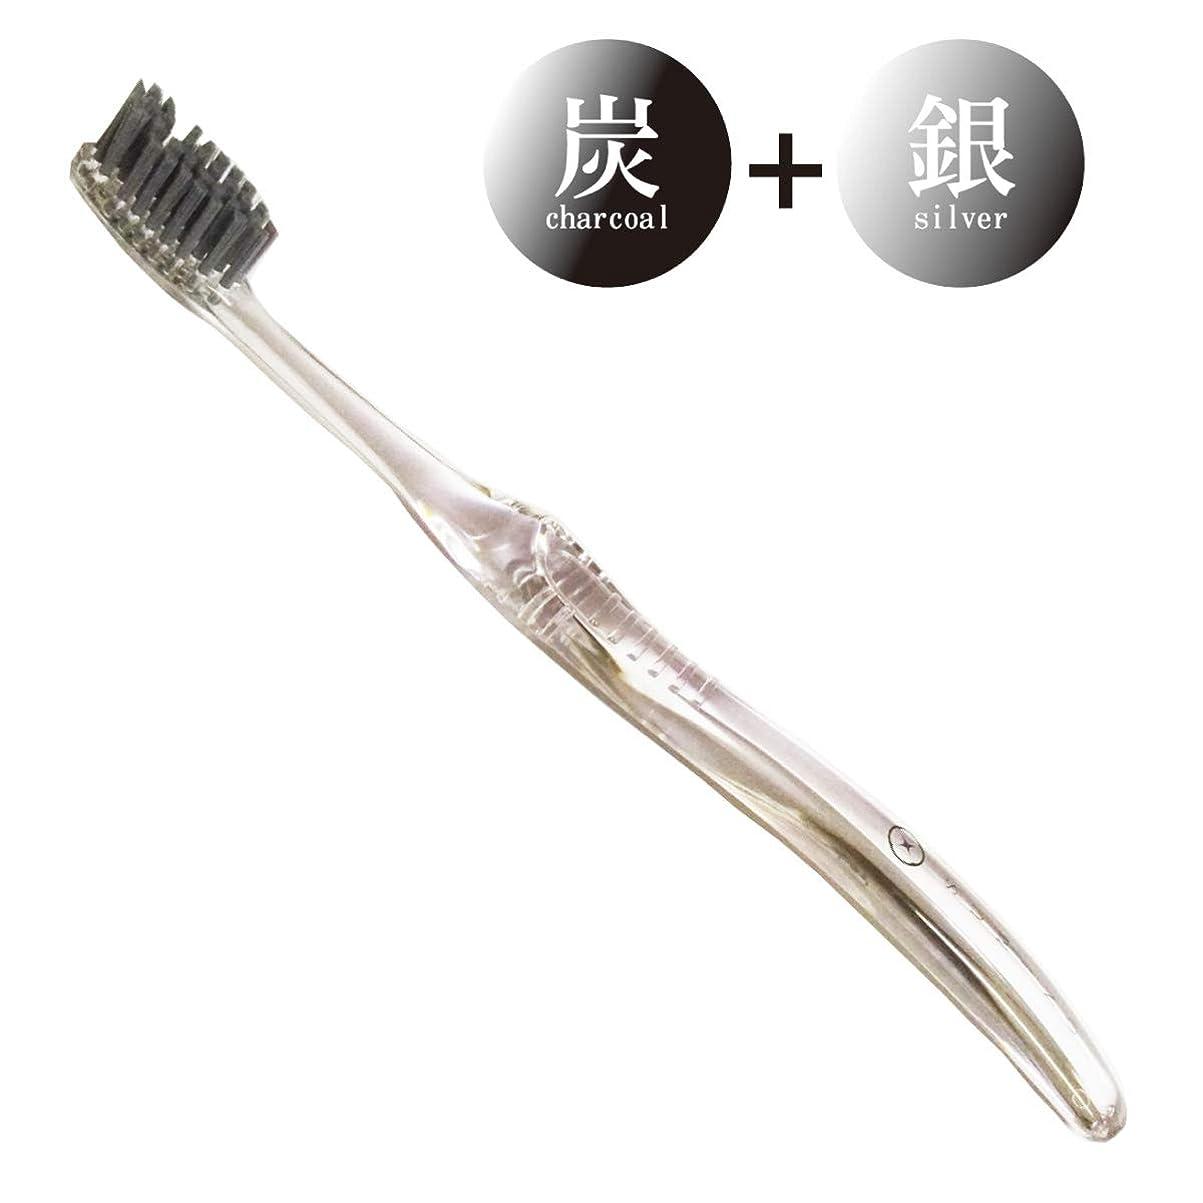 過度に調和アイザック備長炭練込歯ブラシ SUMINO コンパクトヘッド ふつう 全毛抗菌 日本製